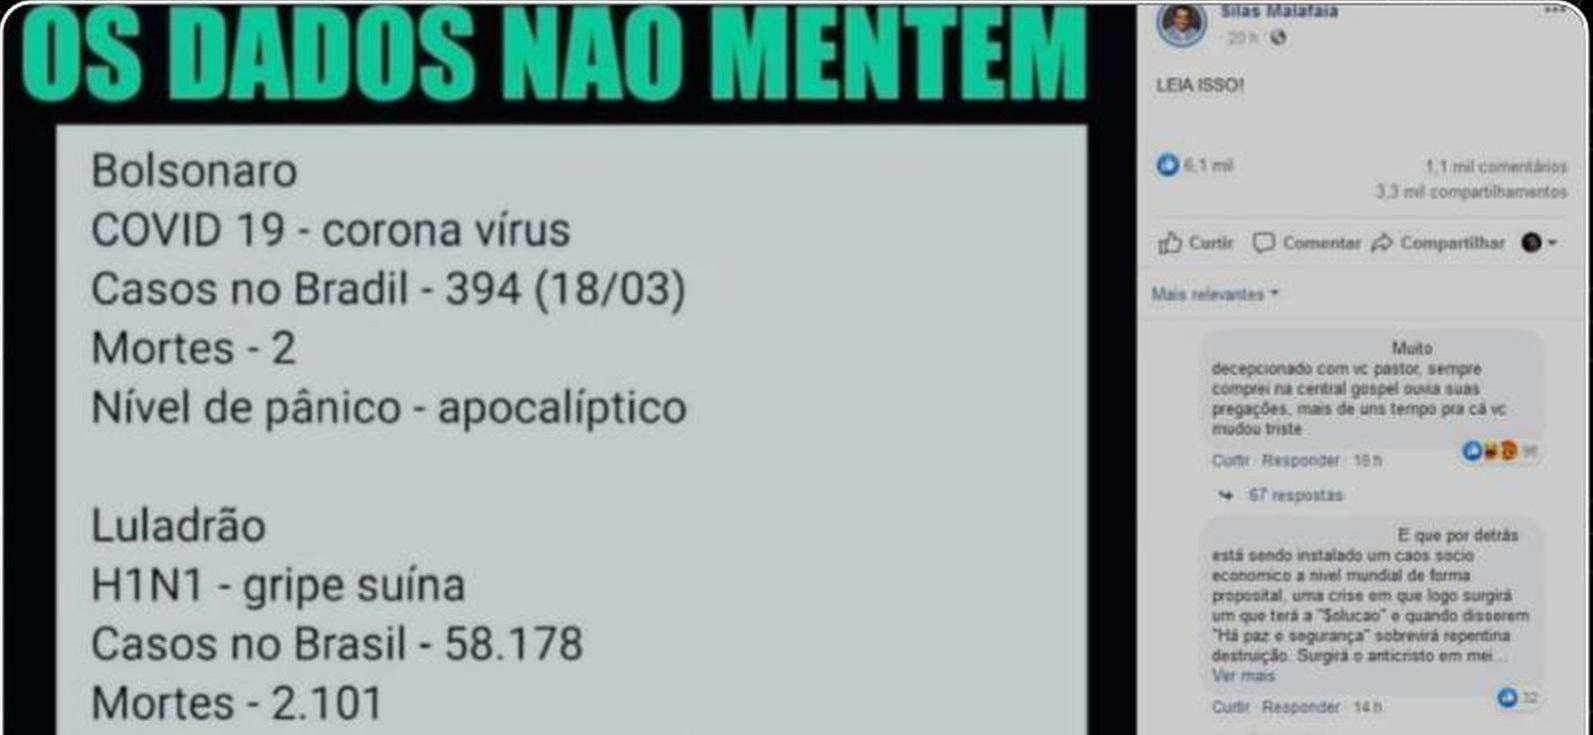 Surto de H1N1 no Brasil, em 2009, NÃO matou mais que o do novo coronavírus